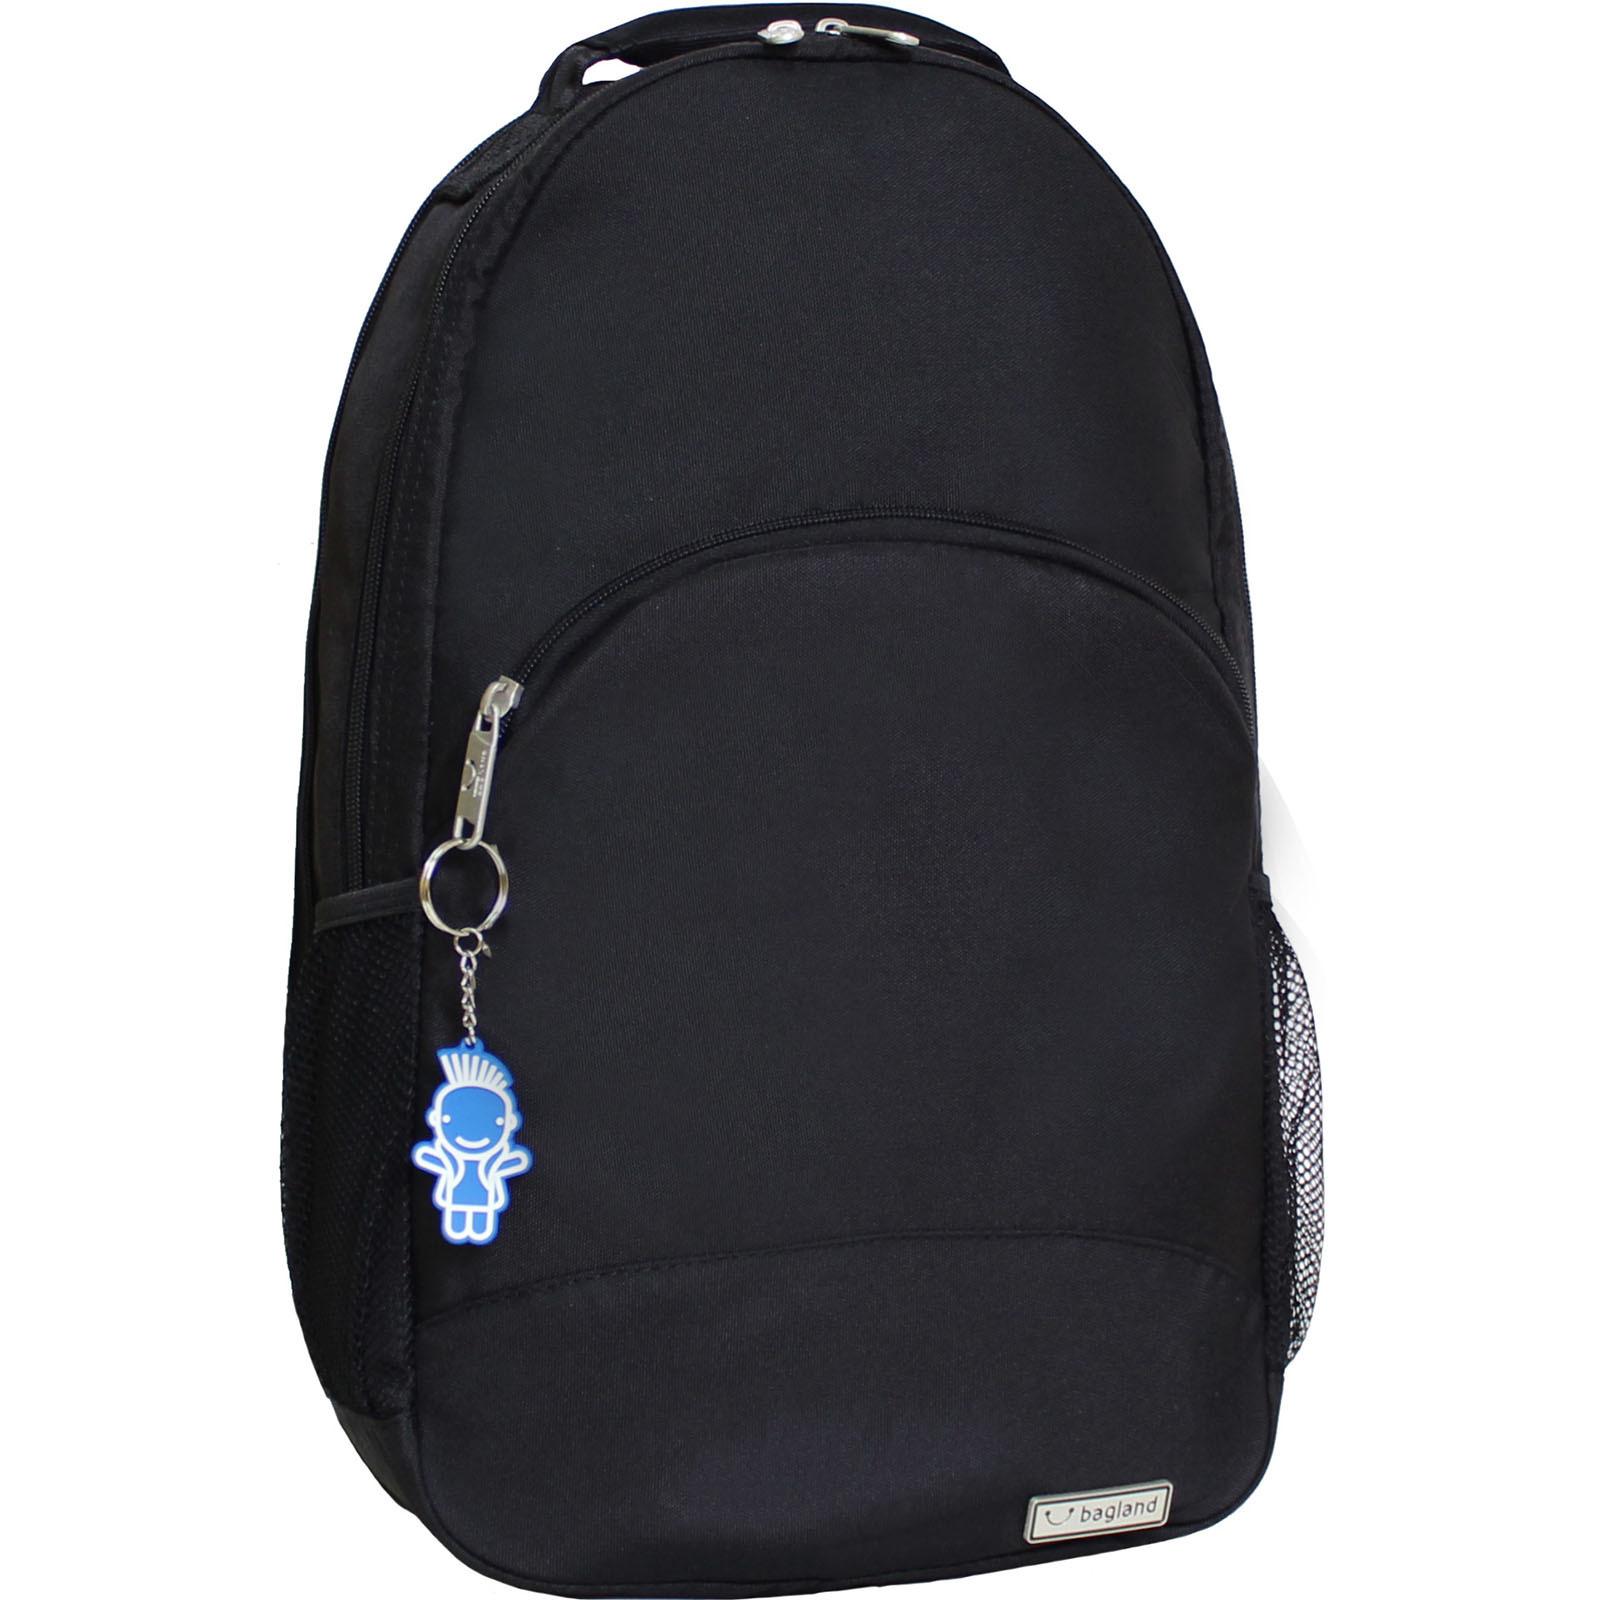 Городские рюкзаки Рюкзак Bagland UltraMax 20 л. черный (00534662) IMG_3967.JPG